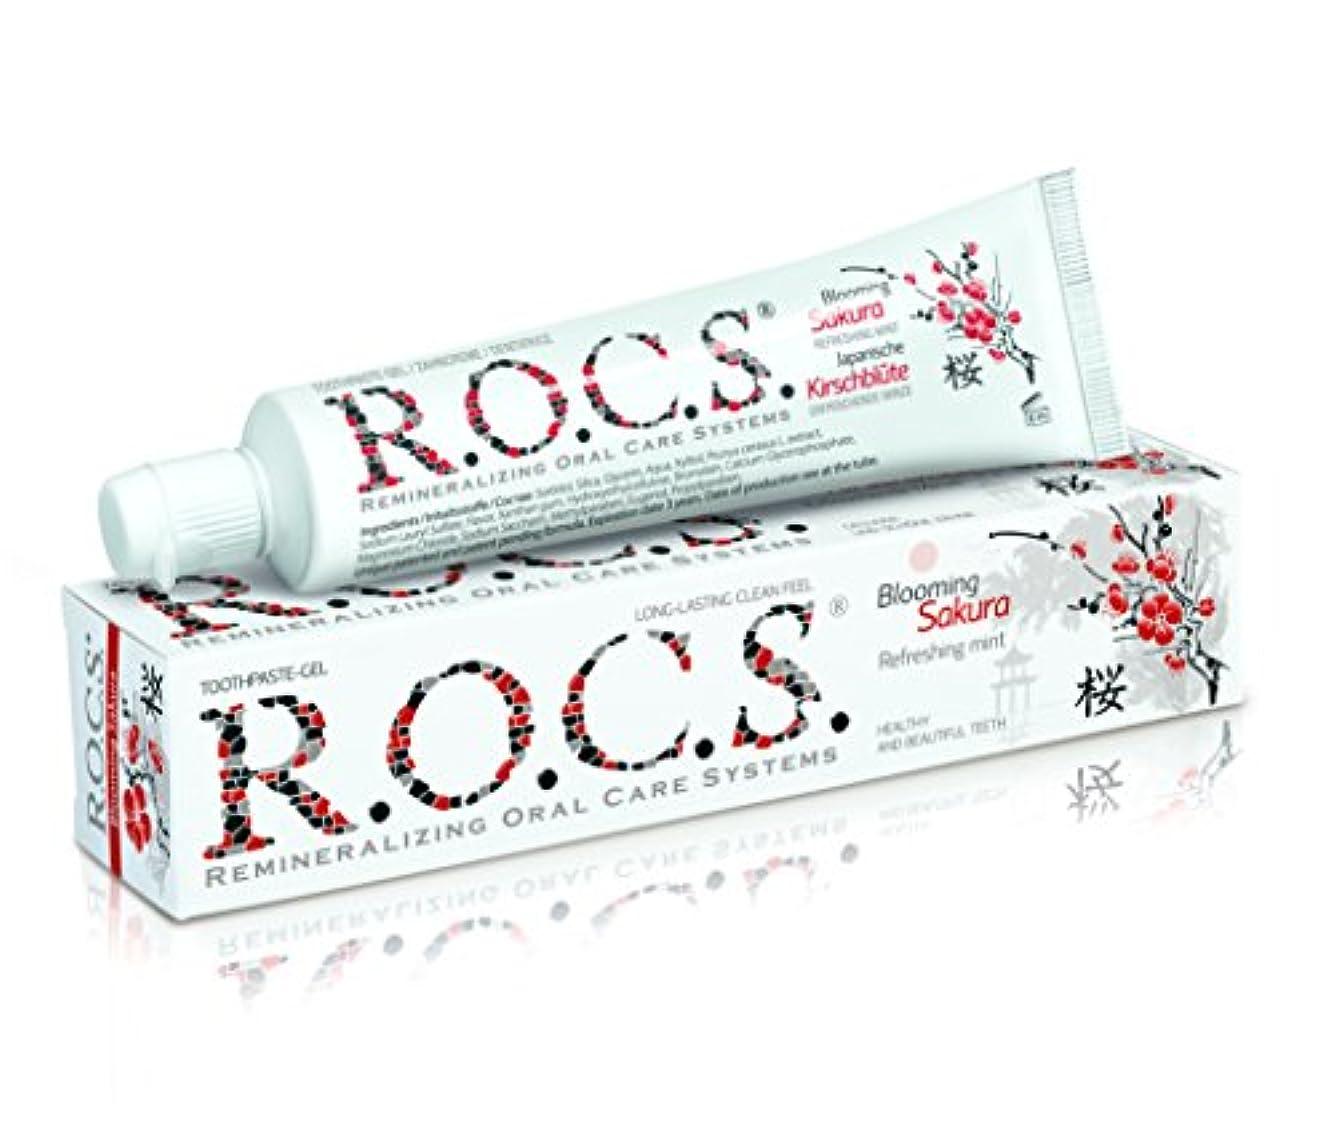 コンバーチブルたっぷり納税者R.O.C.S. ロックス歯磨き粉 ブルーミング サクラ